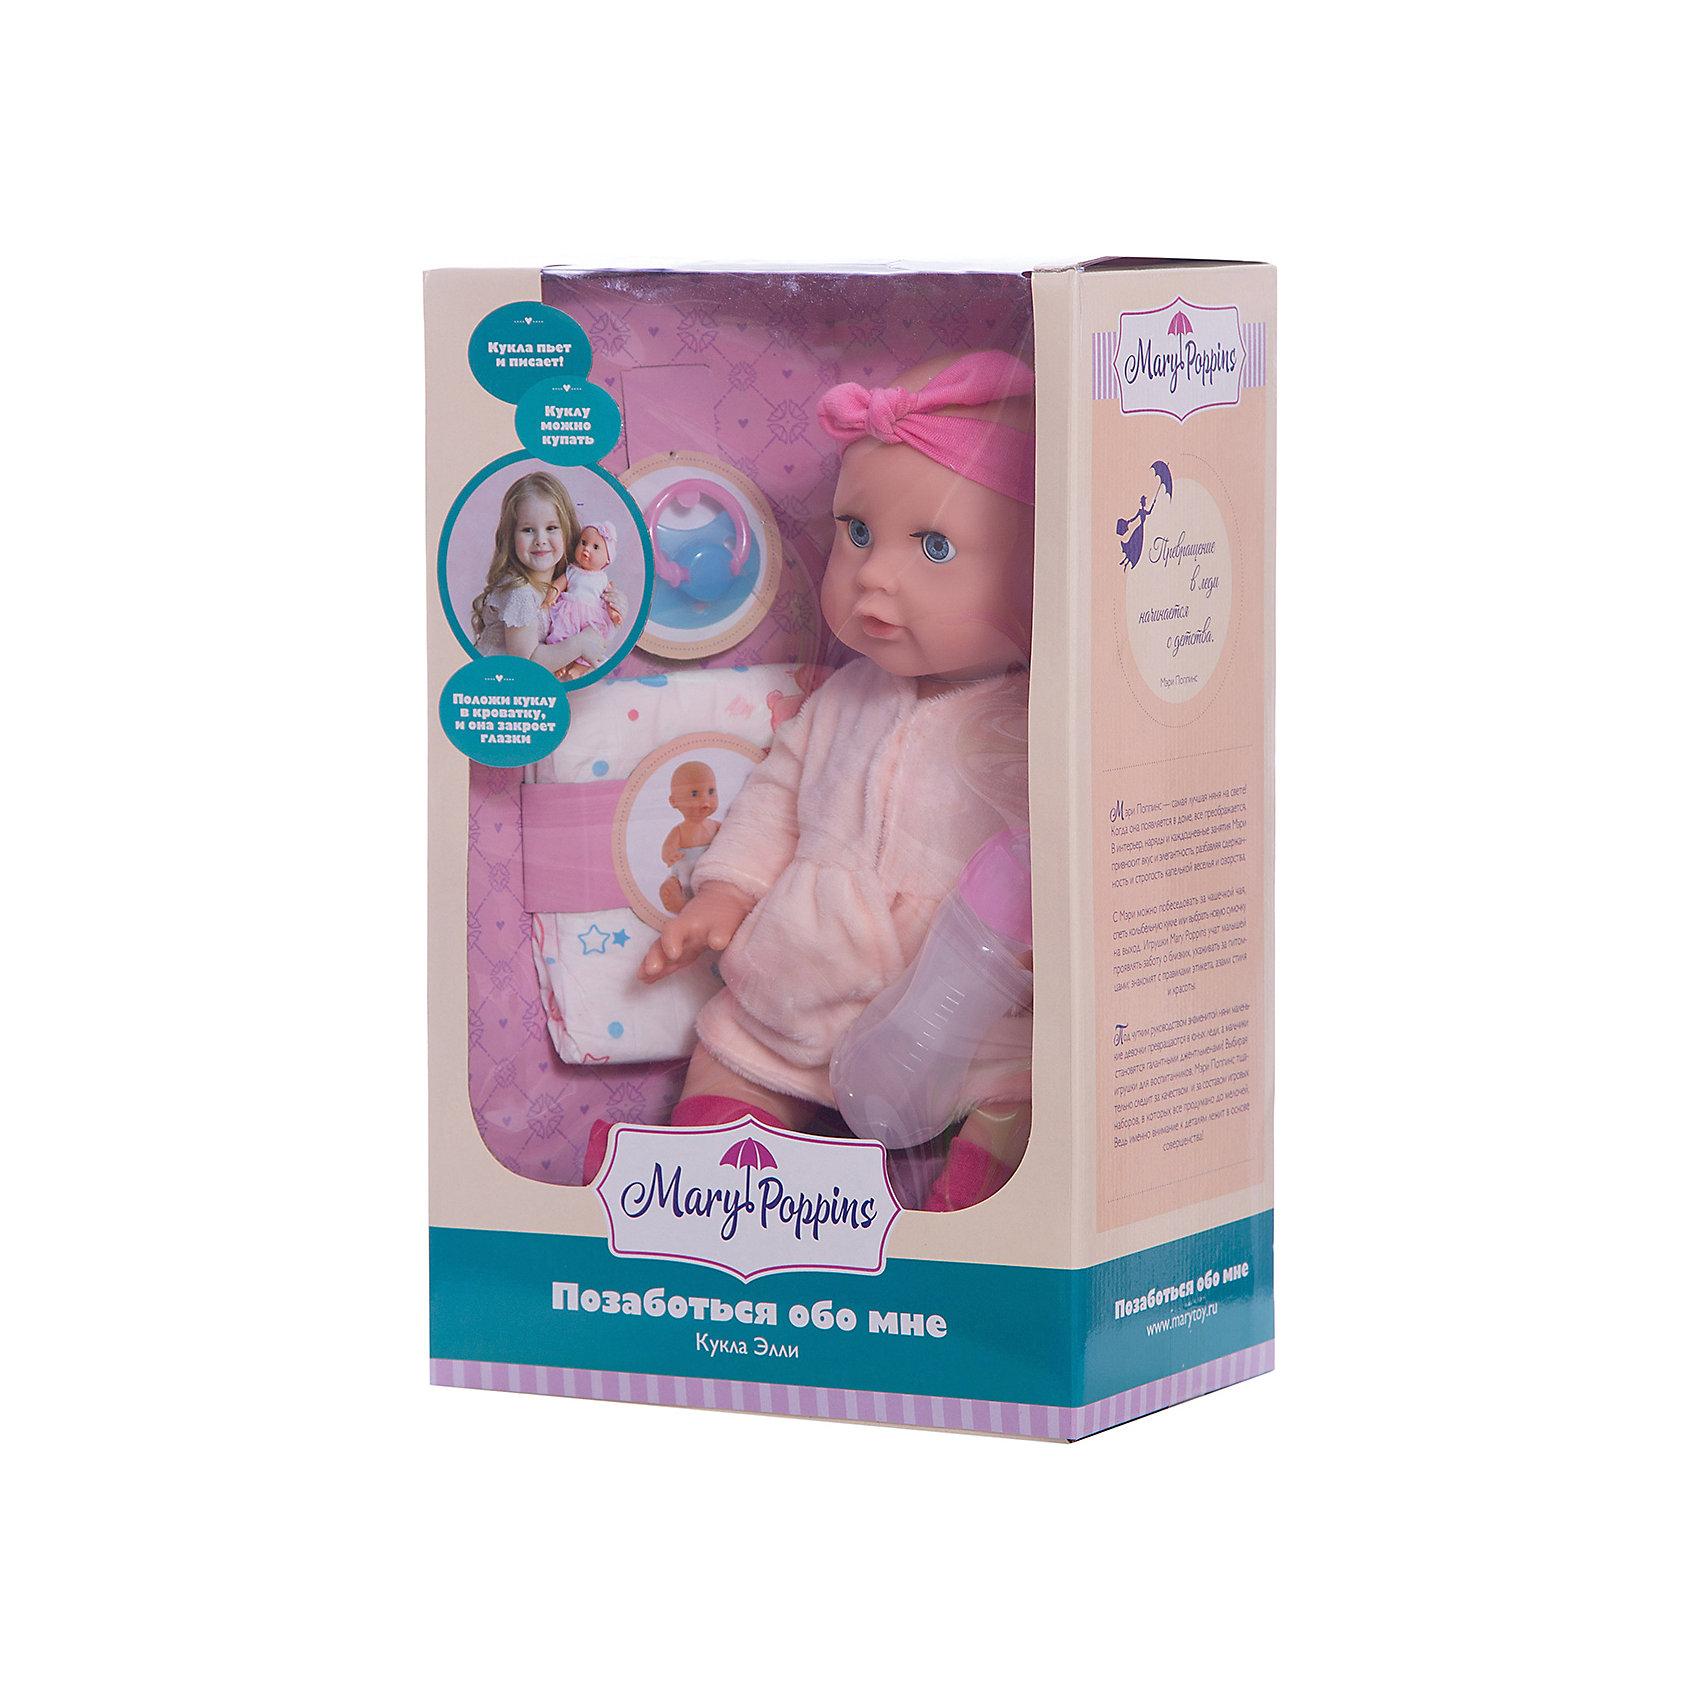 Кукла Элли Позаботься обо мне, 32 см, Mary PoppinsКуклы-пупсы<br>Кукла Элли Позаботься обо мне, 32 см, Mary Poppins.<br><br>Характеристики:<br><br>• Комплектация: кукла, горшок, бутылочка, подгузник<br>• Высота куклы: 32 см.<br>• Материал: ПВХ, пластик, текстиль<br>• Упаковка: картонная коробка блистерного типа<br>• Размер упаковки: 23х13х34 см.<br><br>Кукла Элли торговой марки Mary Poppins с функцией Пью и писаю отлично подойдет для сюжетно-ролевых игр в «дочки-матери». В комплекте с куклой поставляется горшок, бутылочка и настоящий подгузник. Можно напоить куколку из бутылочки водой и посадить на горшок или надеть ей подгузник. Кукла одета в милое голубое платьице в горошек и в стильное розовое пальто из эксклюзивной коллекции Зайка. На ножках у куклы носочки, а на голове — кокетливая повязка. Элли можно купать в ванной (тельце у куклы твердое) и укладывать спать - в горизонтальном положении ее глаза закрываются.<br><br>Куклу Элли Позаботься обо мне, 32 см, Mary Poppins можно купить в нашем интернет-магазине.<br><br>Ширина мм: 225<br>Глубина мм: 130<br>Высота мм: 340<br>Вес г: 750<br>Возраст от месяцев: 24<br>Возраст до месяцев: 2147483647<br>Пол: Женский<br>Возраст: Детский<br>SKU: 5402754